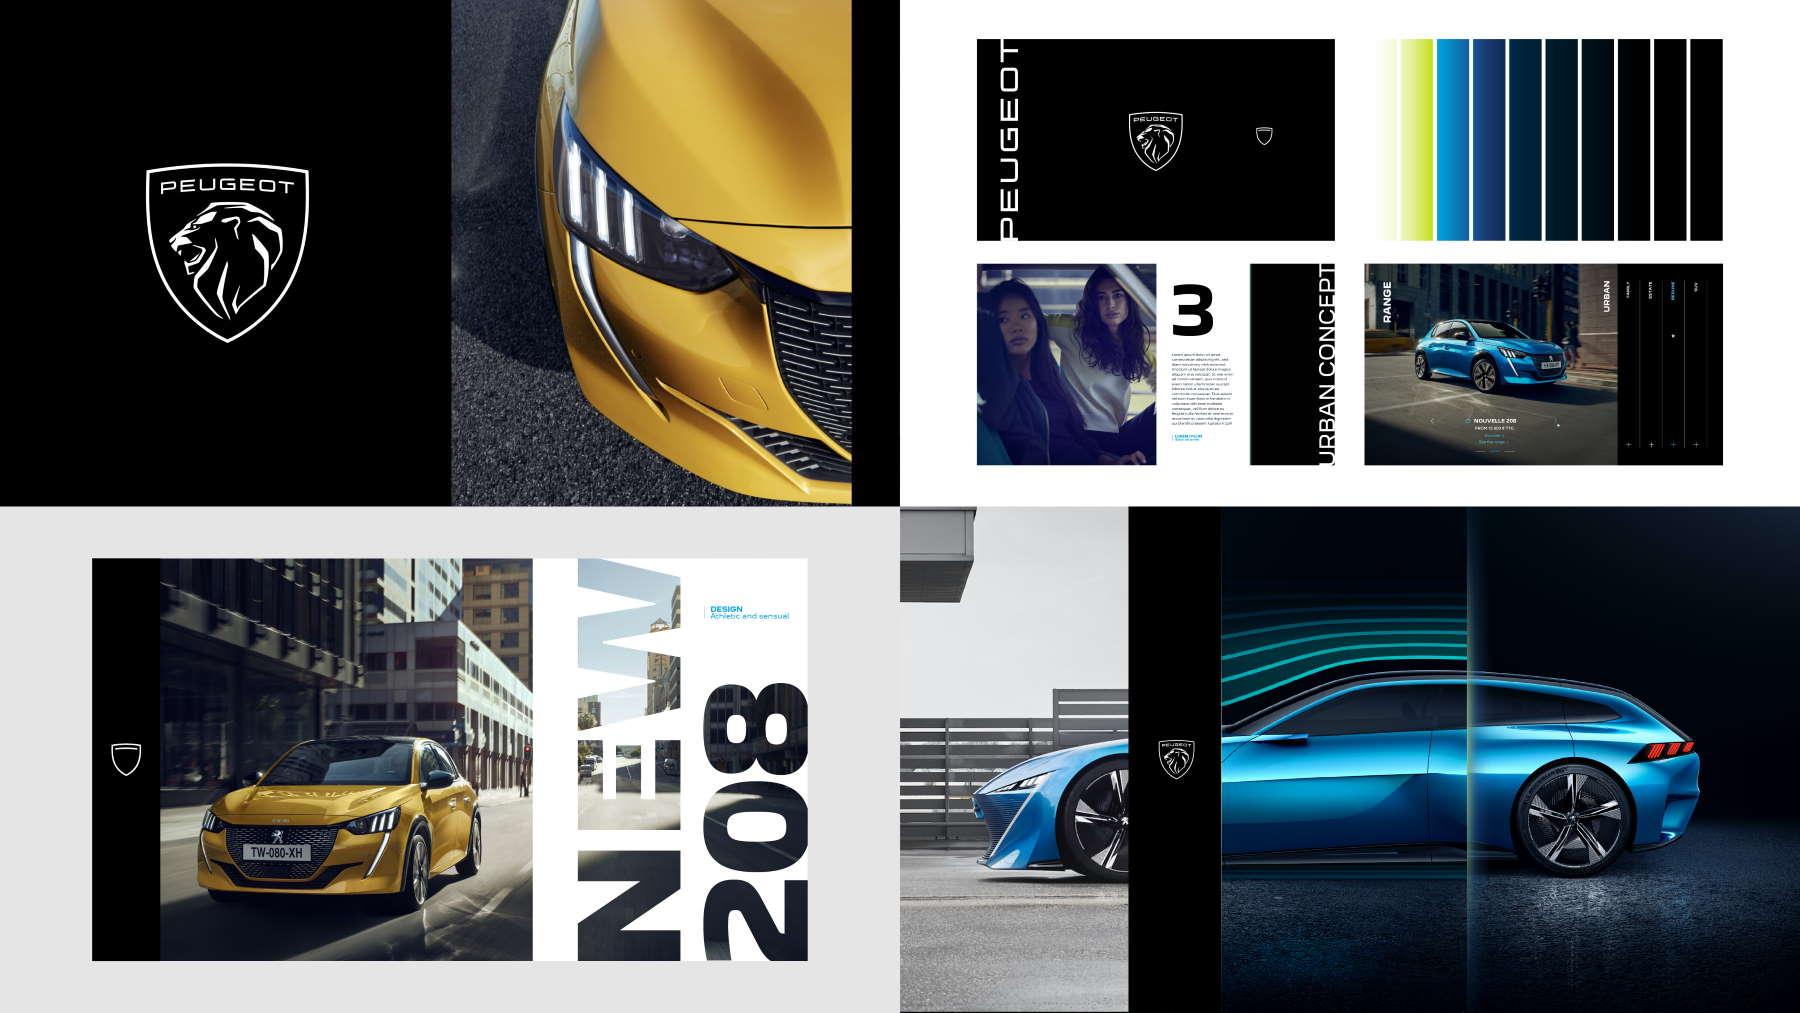 Nuovo materiale promozionale di Peugeot realizzato con il nuovo luogo